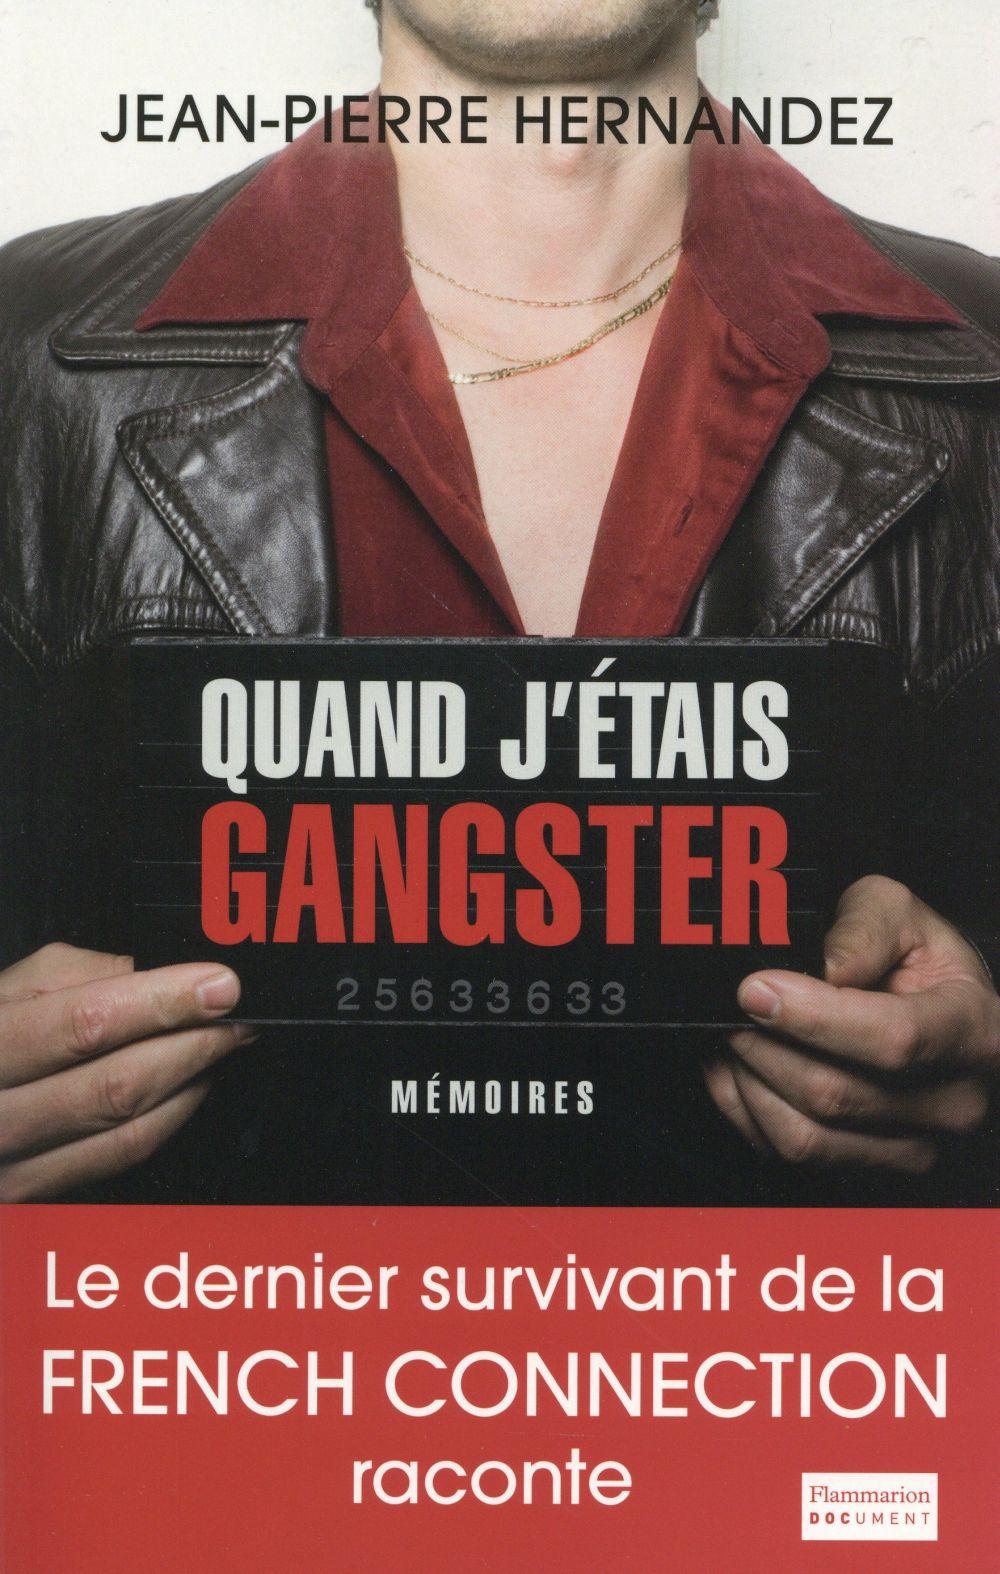 QUAND J'ETAIS GANGSTER